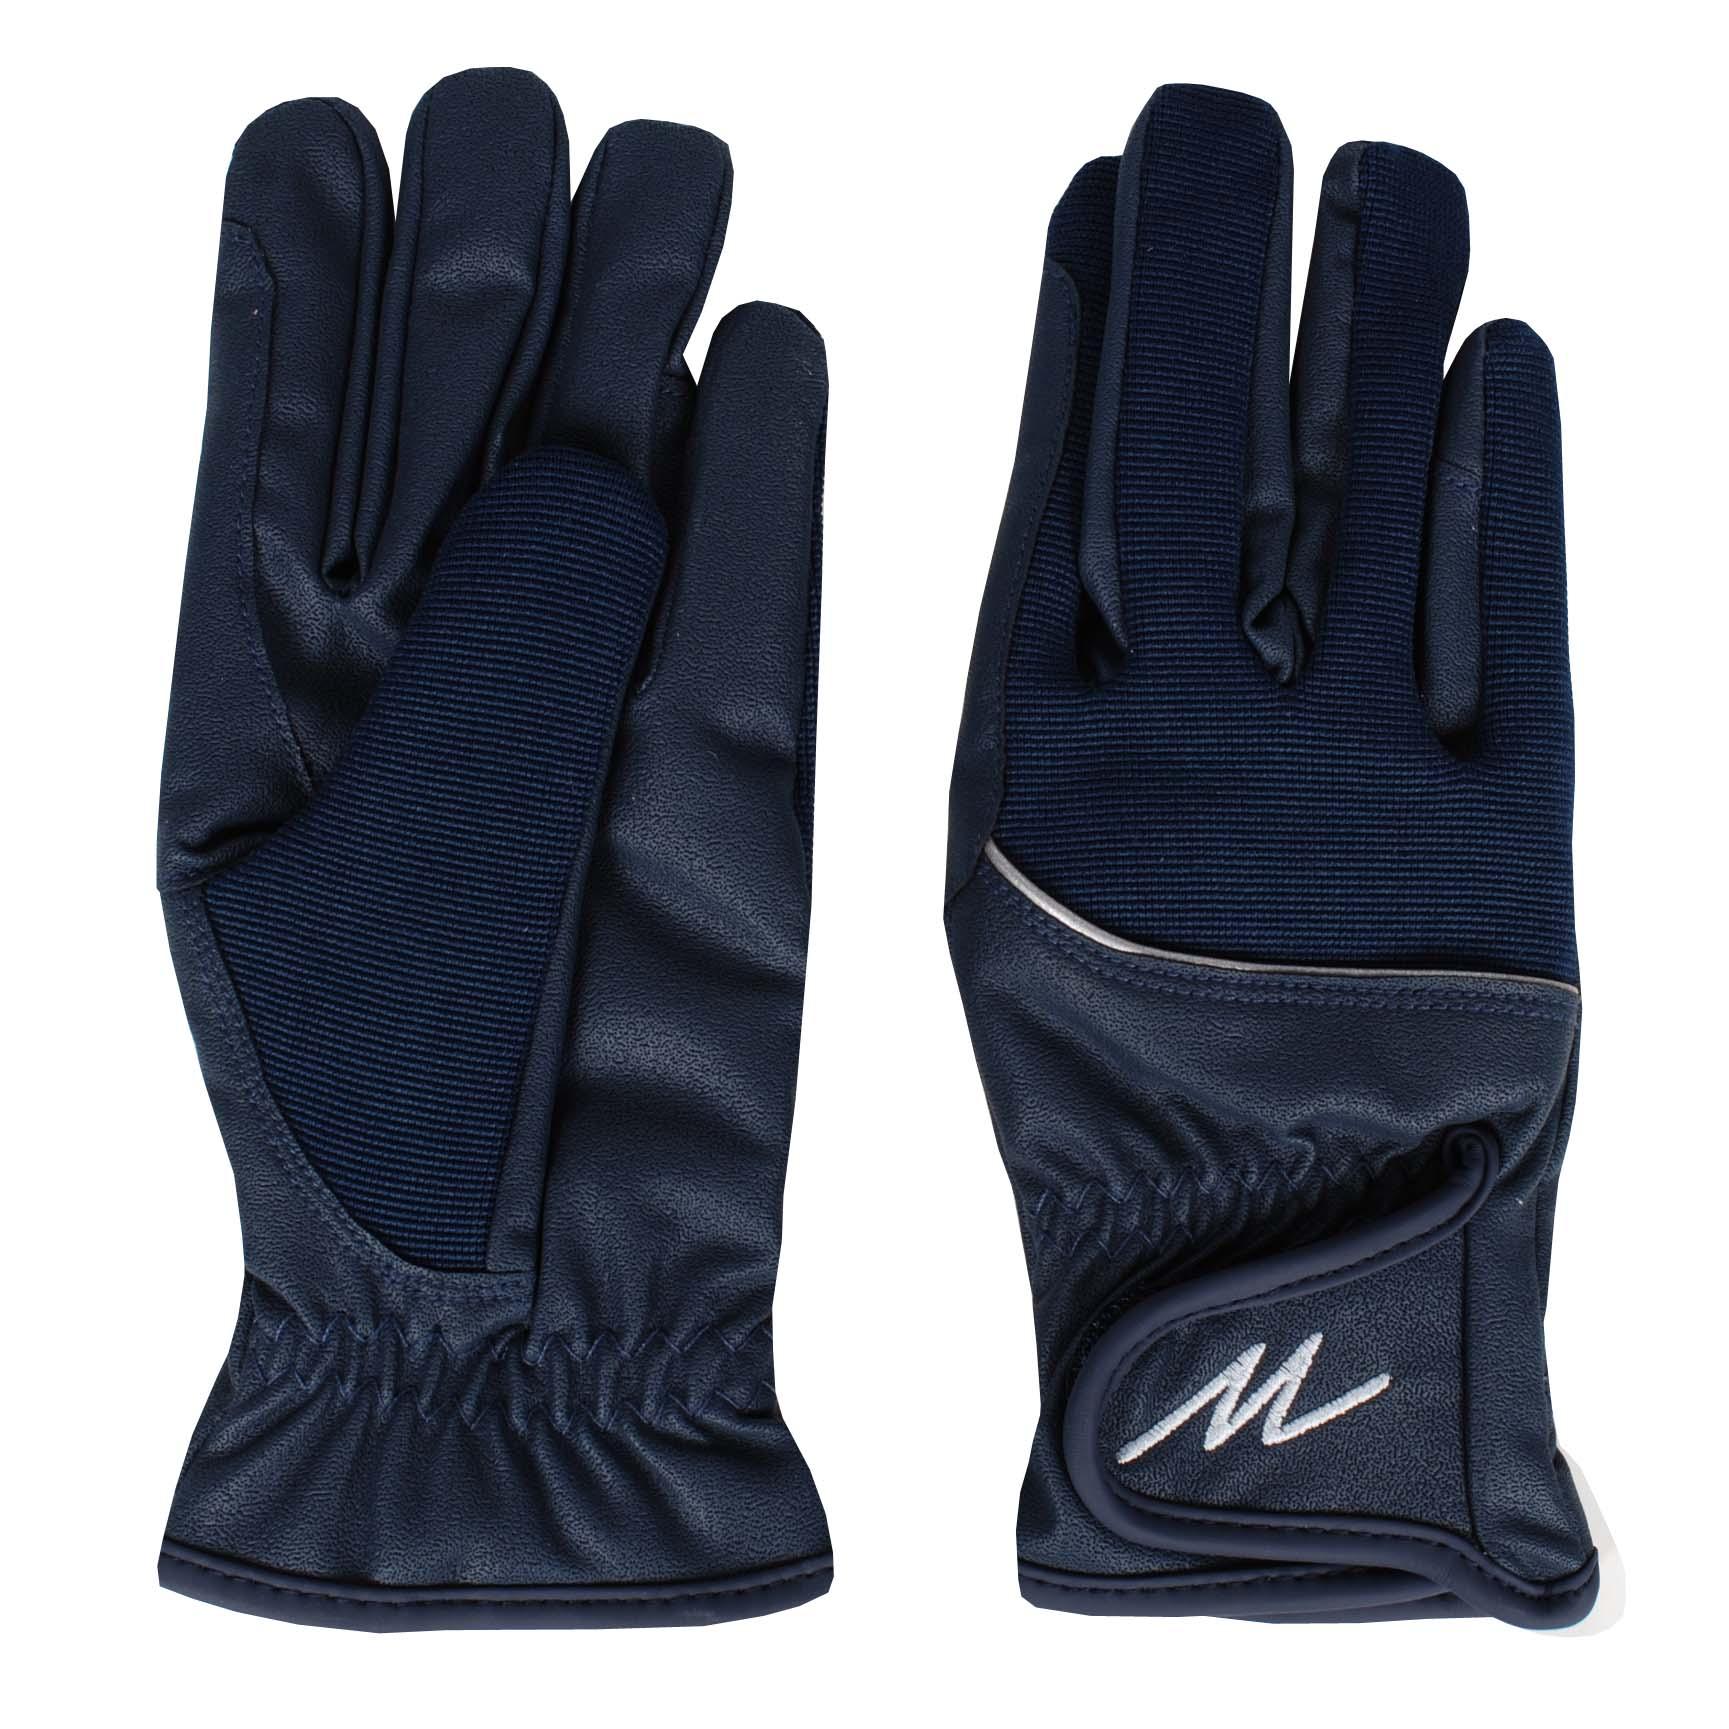 Mondoni Mendoza winter handschoenen donkerblauw maat:xl